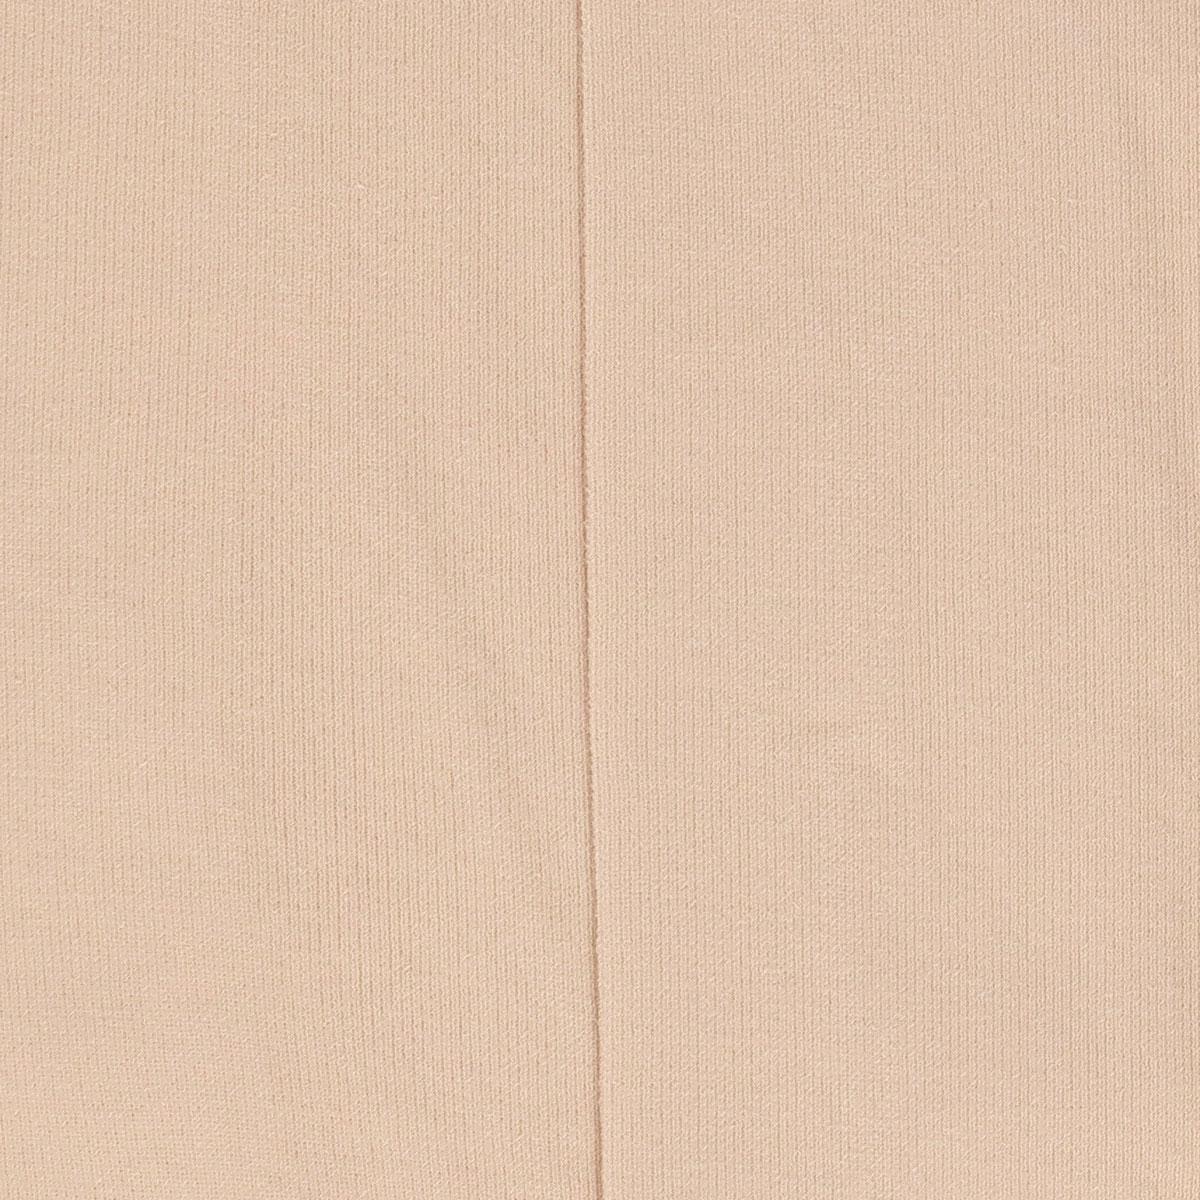 POLO RALPH LAUREN ポロ ラルフローレン  日本製 25デニール  オールシーズンタイツ  つま先・パンティー部切り替えなし レディース 女性 婦人  01862325 【ゆうパケット・6点まで】